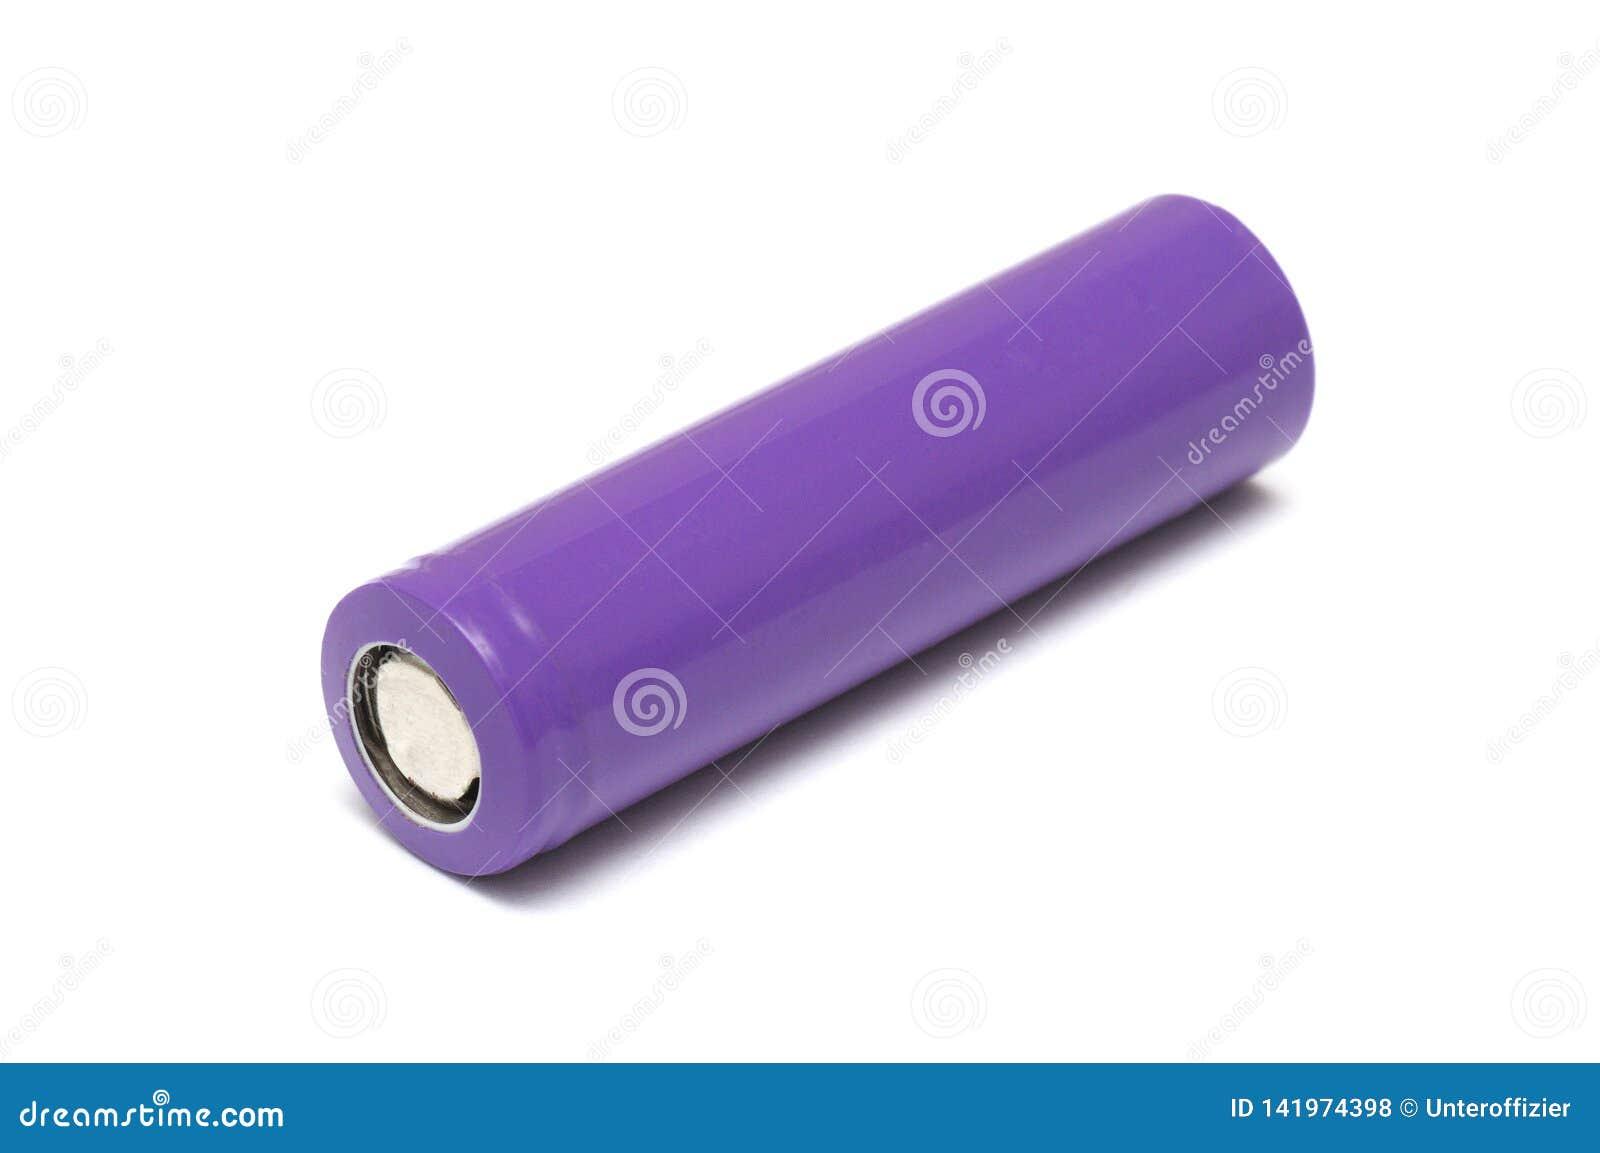 Uma unidade recarregável cilíndrica colorida roxo da bateria de íon de lítio